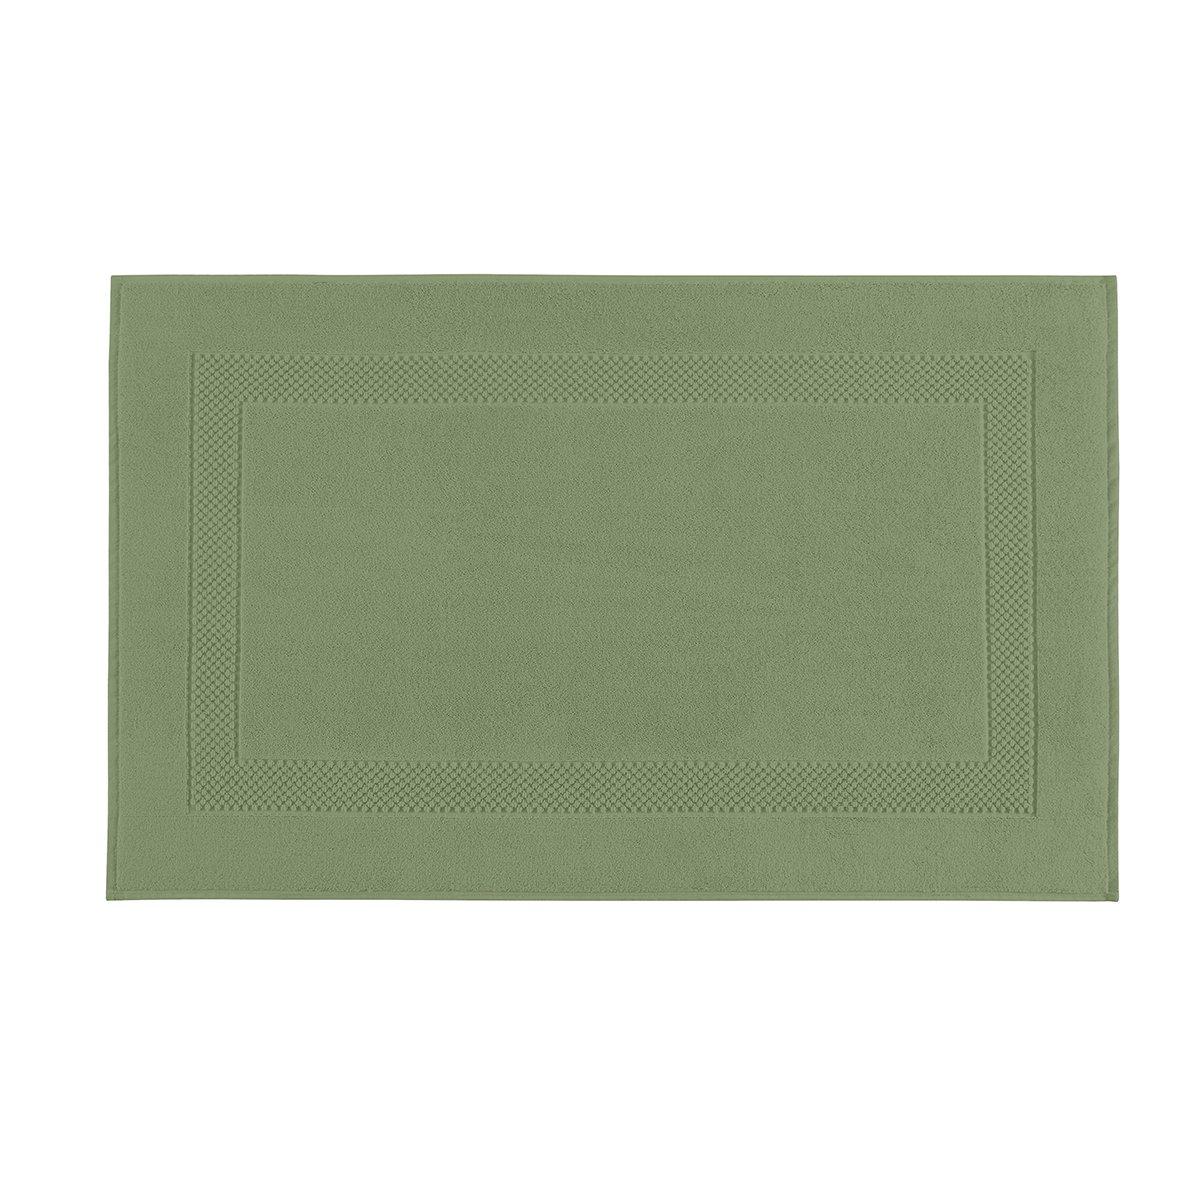 Tapis de bain coton 60x80 cm cèdre